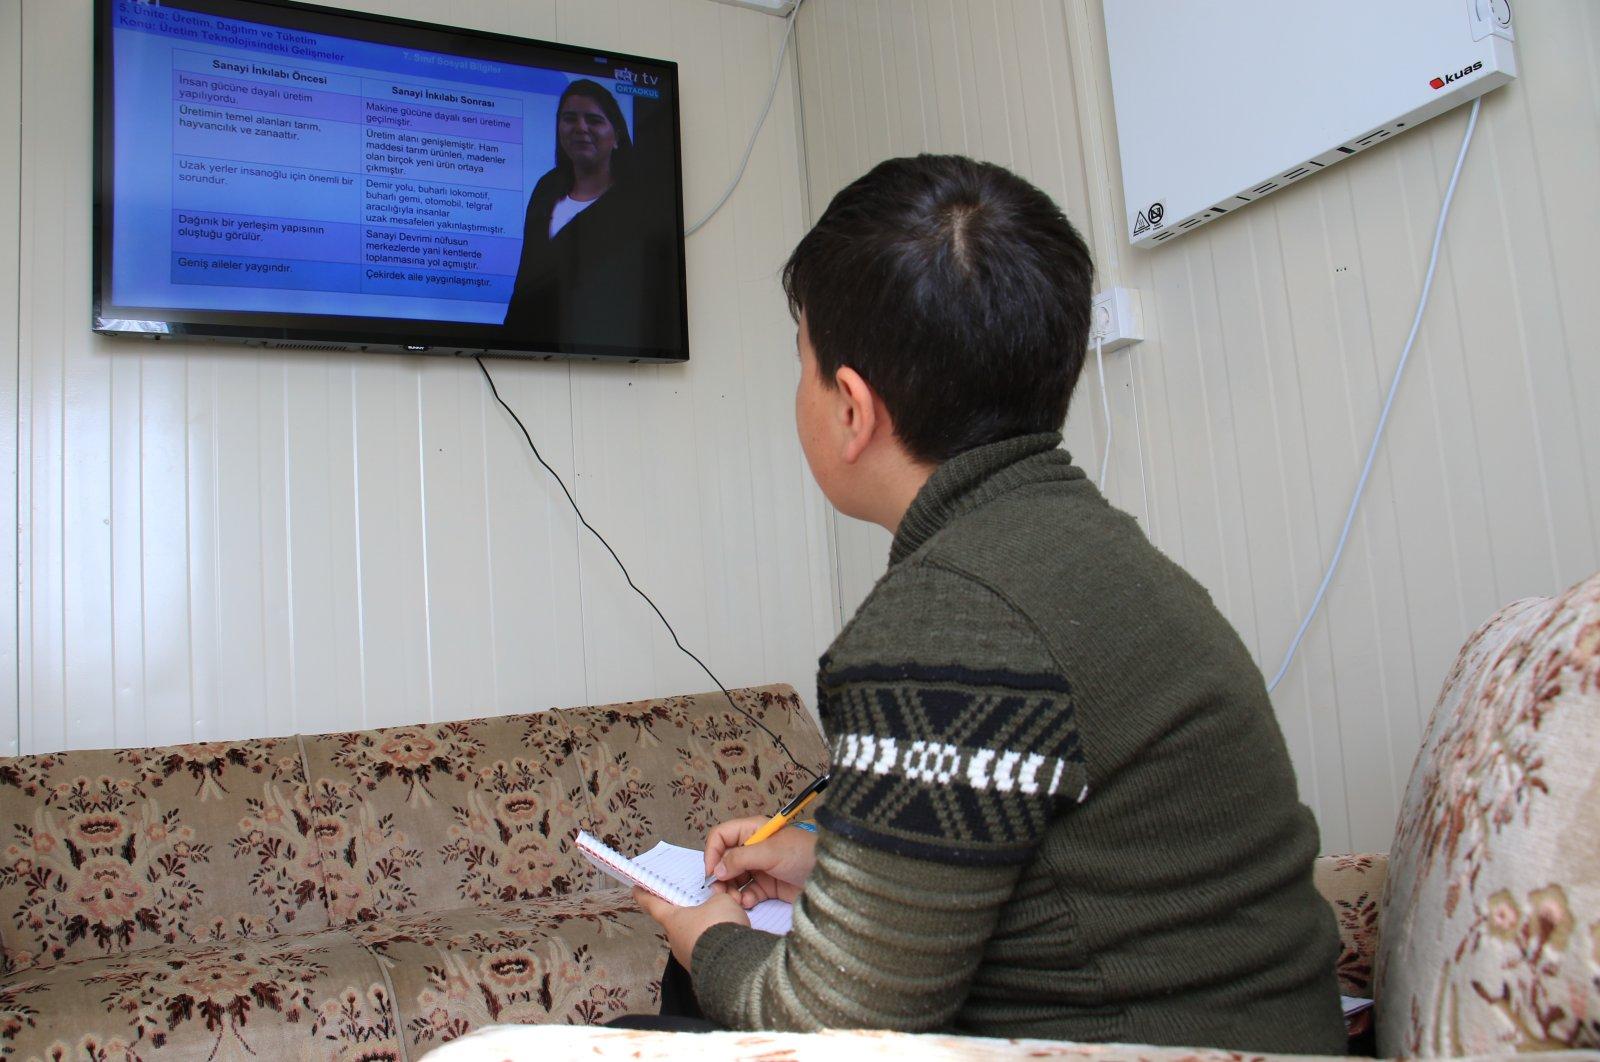 A boy watching a pre-recorded lesson on TV, Elazığ, Turkey, Wednesday, April 1, 2020. (İHA Photo)